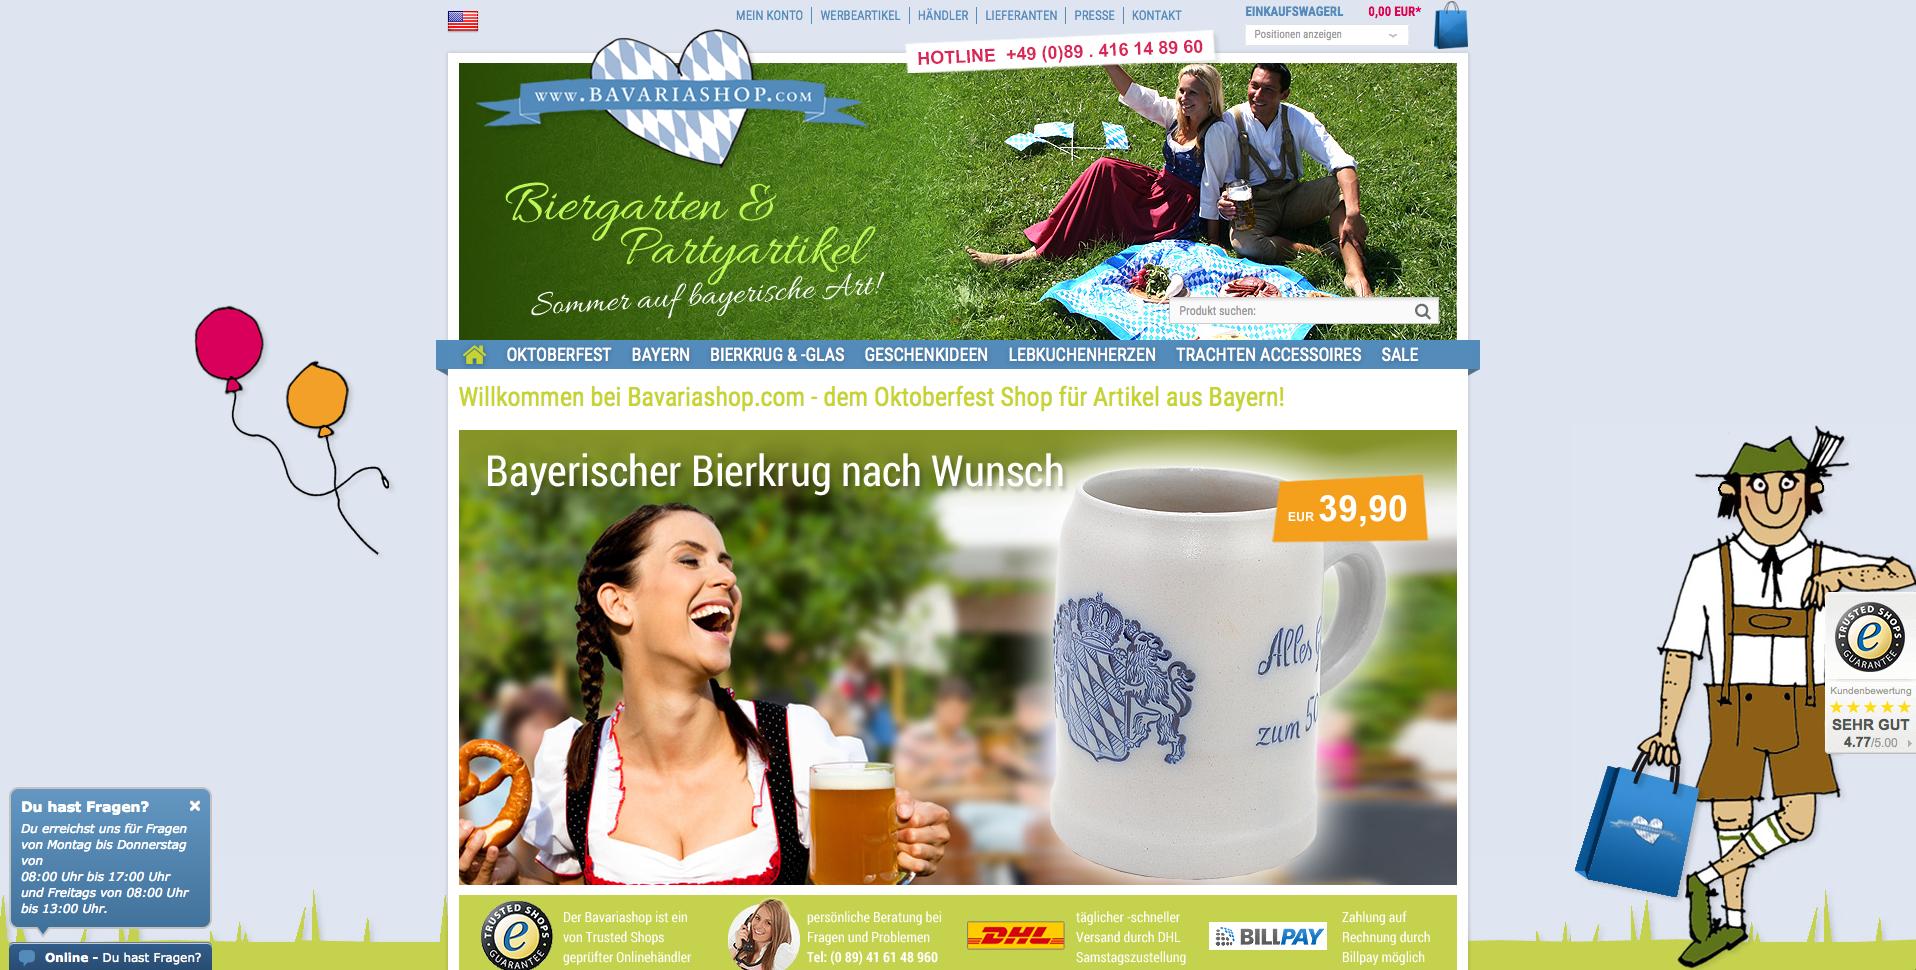 Bavariashop Gutschein